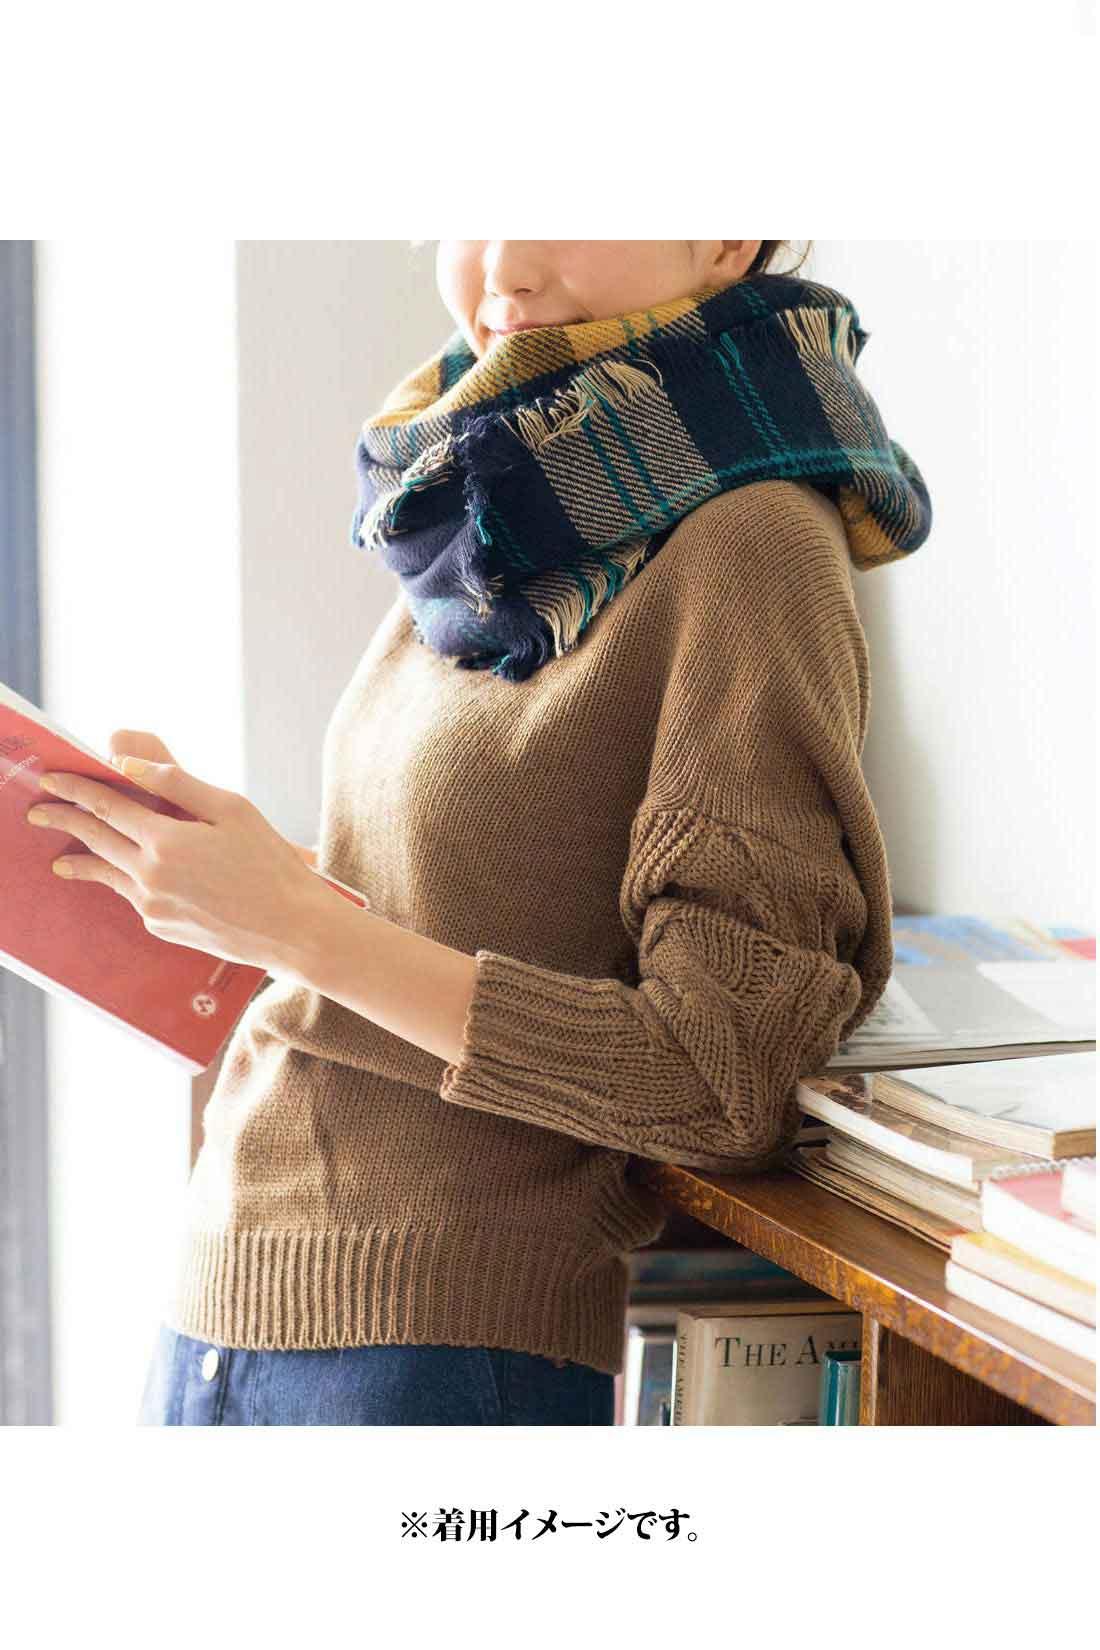 冬コーデが明るくやわらぐ【杢キャメル】 一枚でも着やすいほどよい開きのネック。